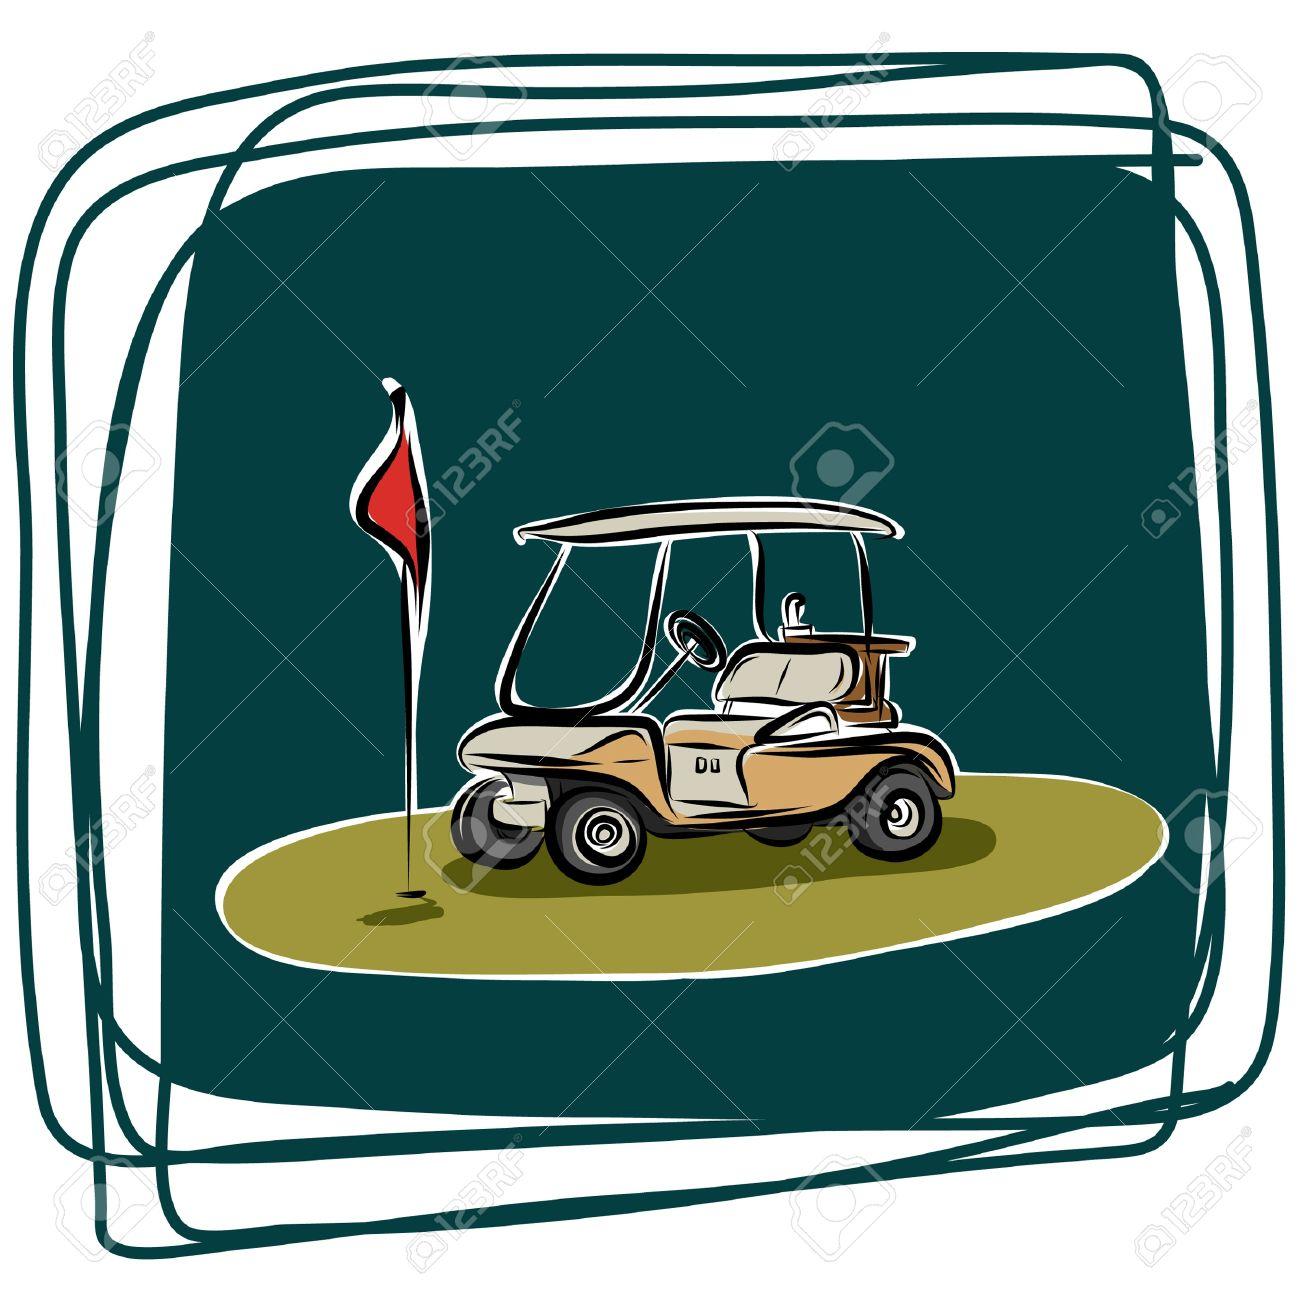 Golf Club.